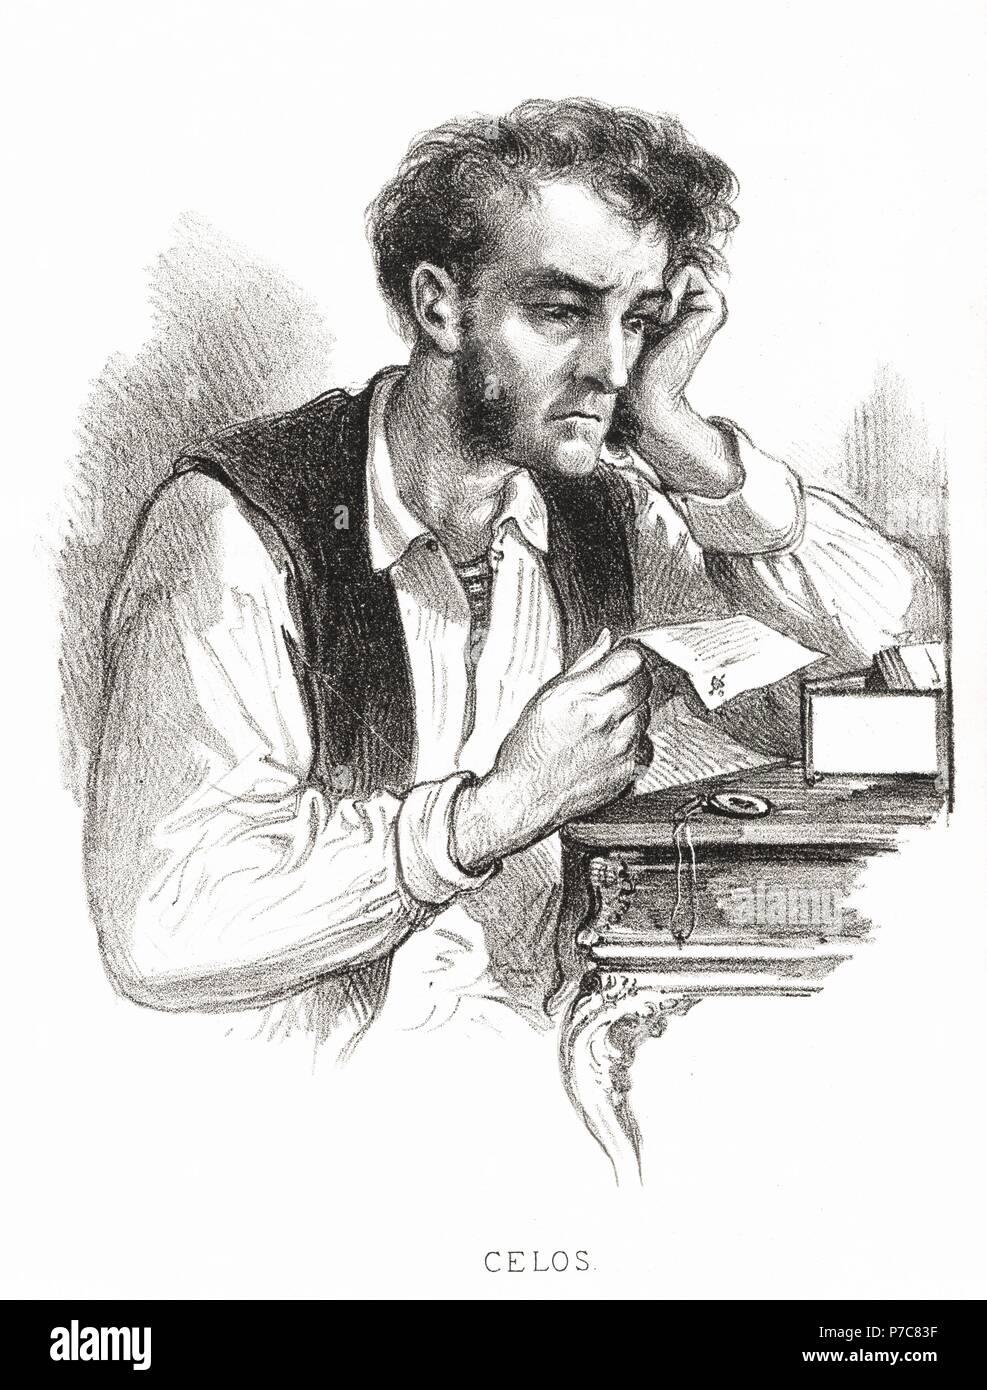 Carácteres del individuo. Hombre celoso. Grabado de 1870. Stock Photo